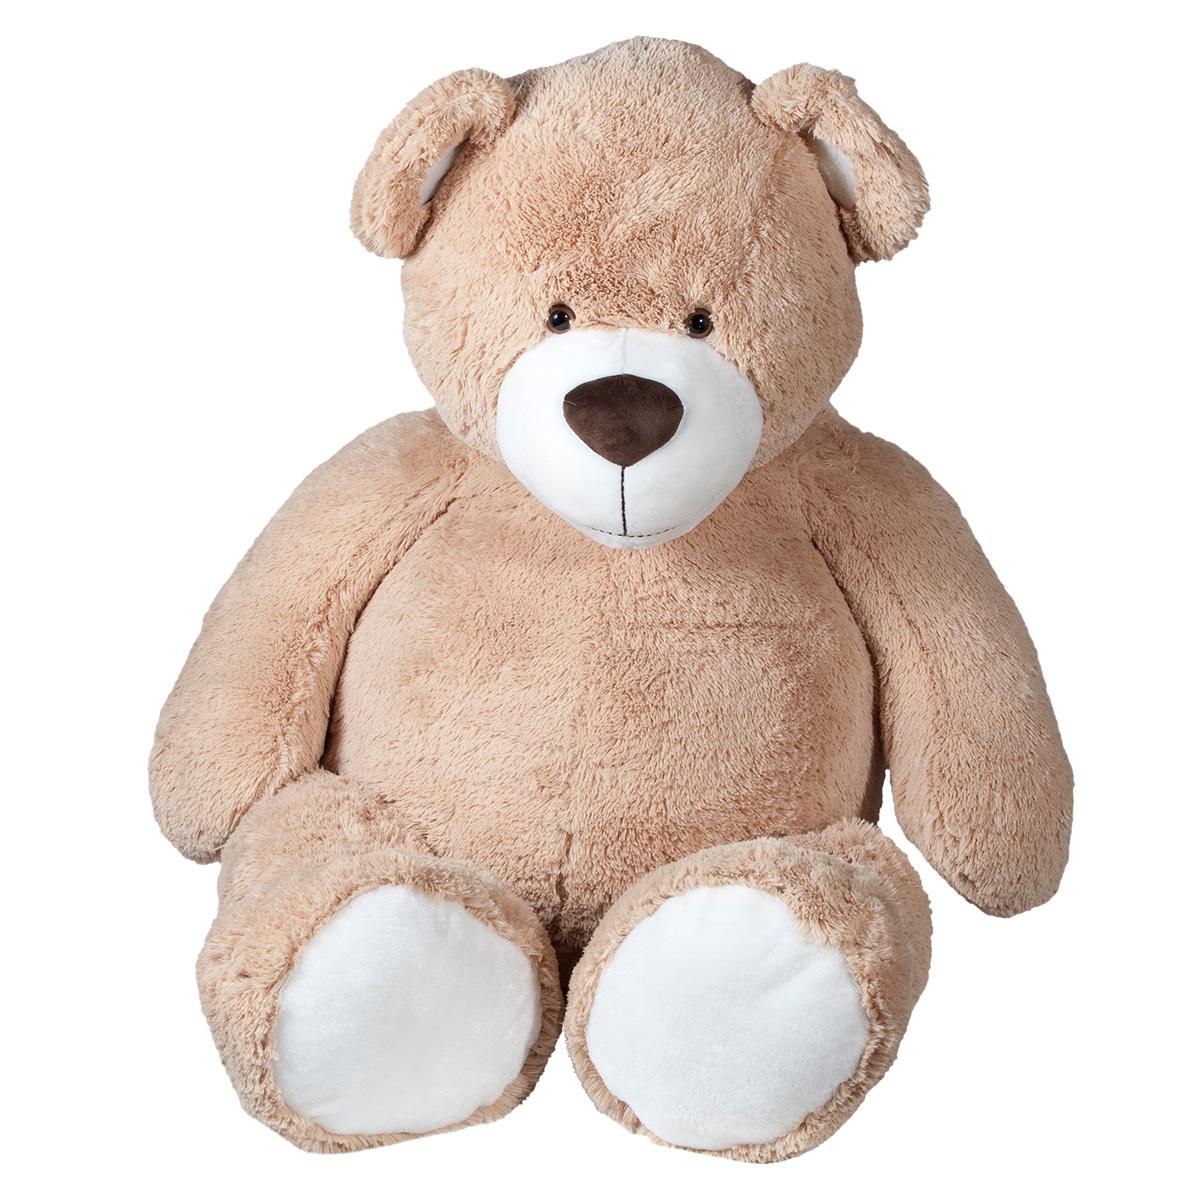 Molli kæmpebamse - Bjørn